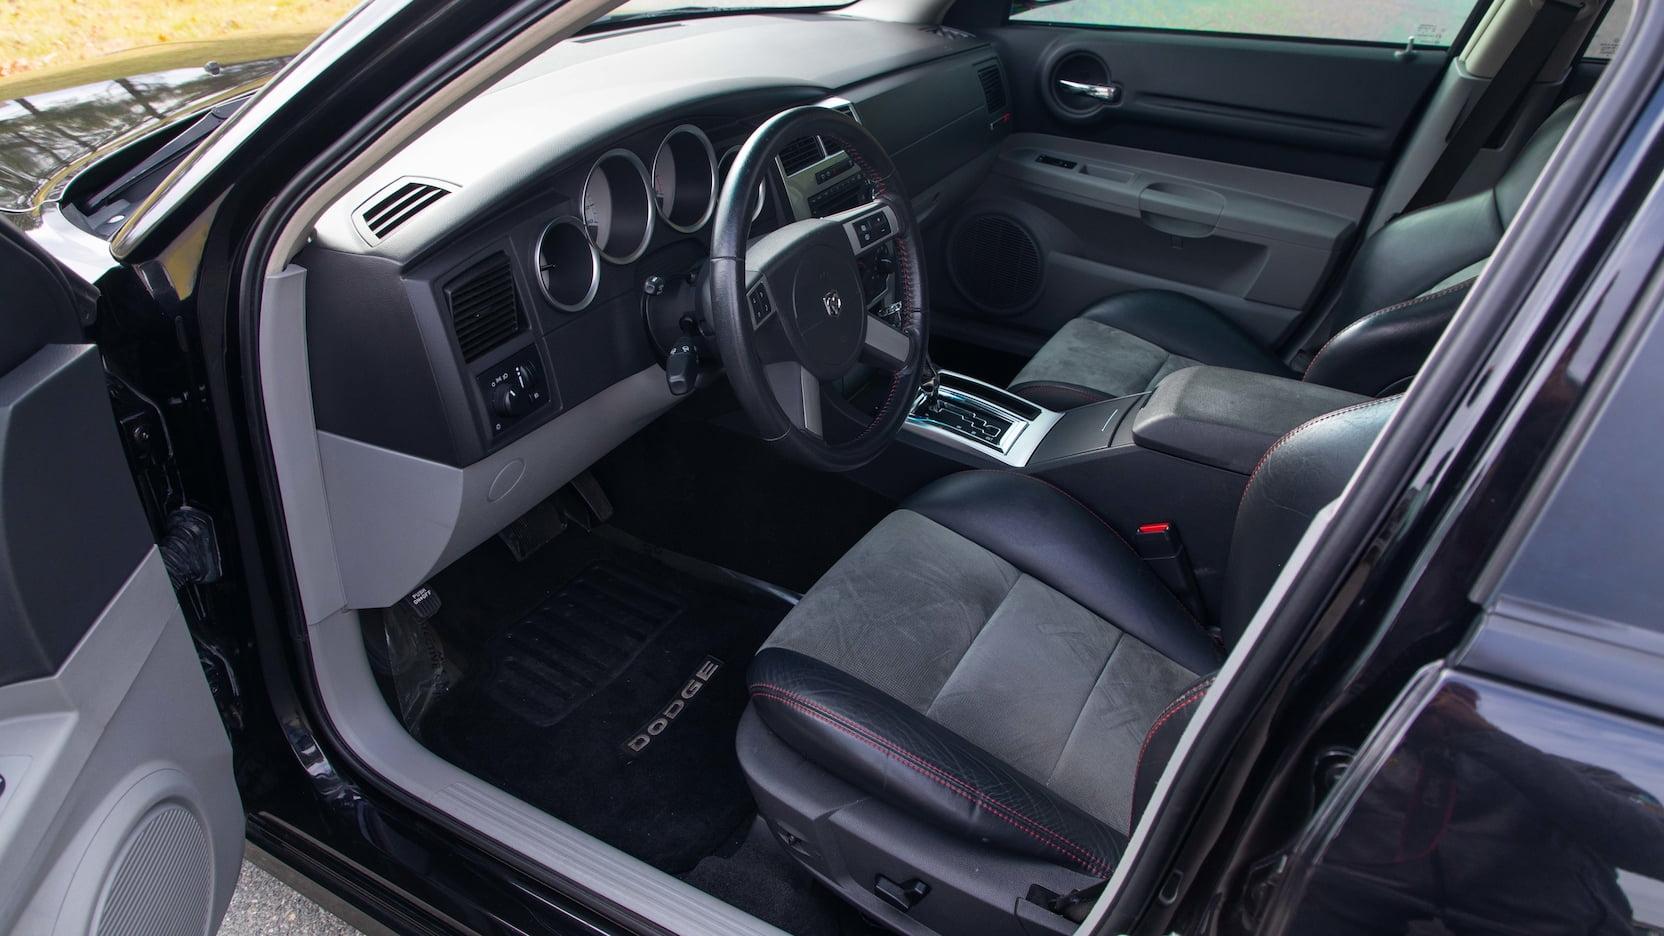 2007 Dodge Magnum SRT8 Interior